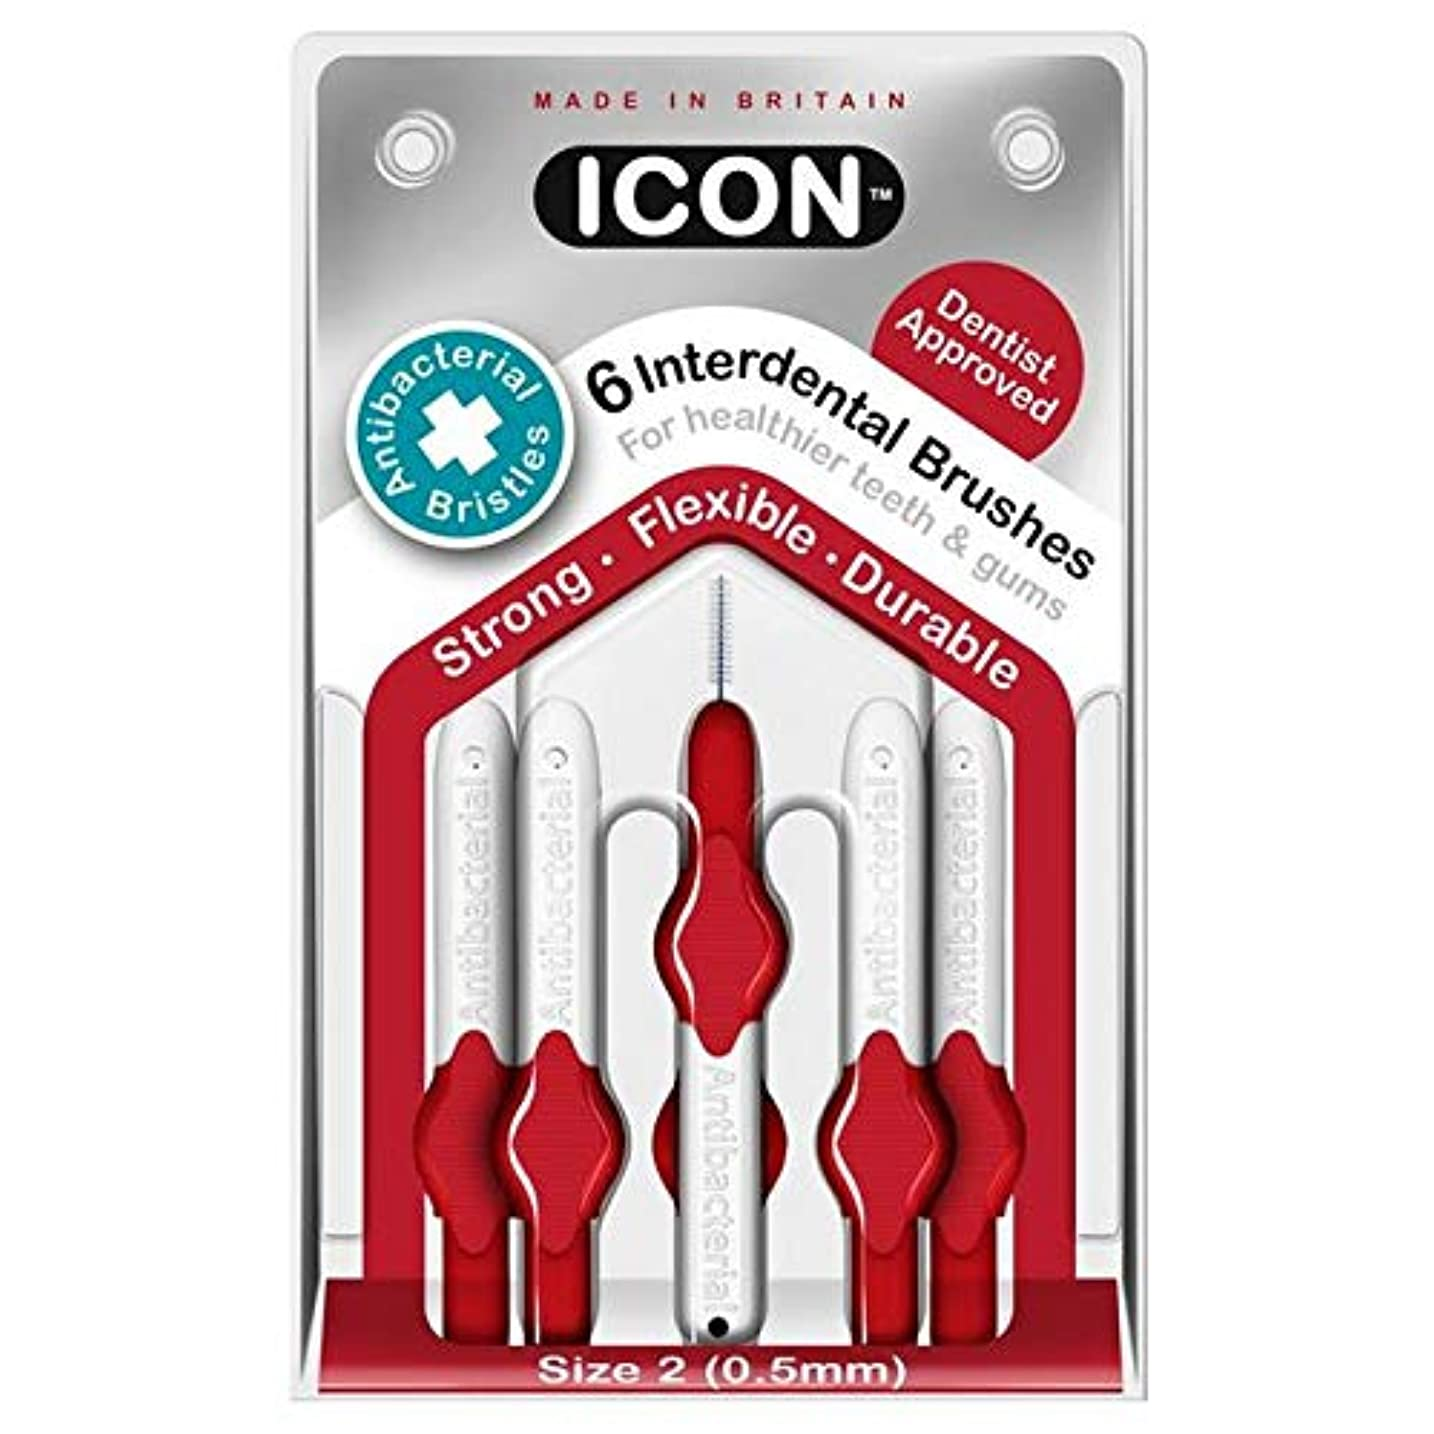 港守銭奴シャックル[Icon ] アイコンの歯間には、パックあたり0.5ミリメートル6ブラシ - Icon Interdental Brushes 0.5mm 6 per pack [並行輸入品]